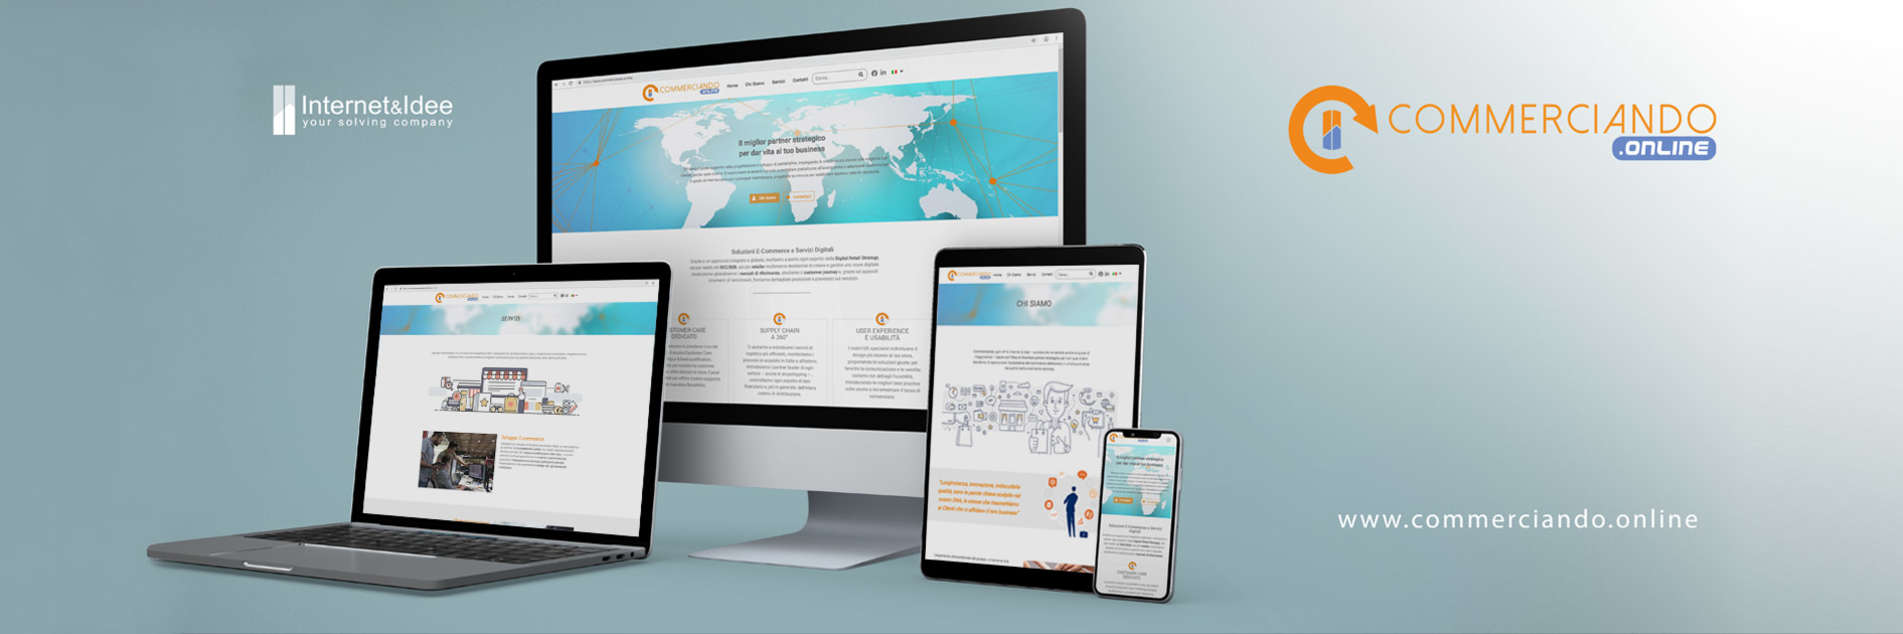 Rilasciato Commerciando.online | Soluzioni E-Commerce